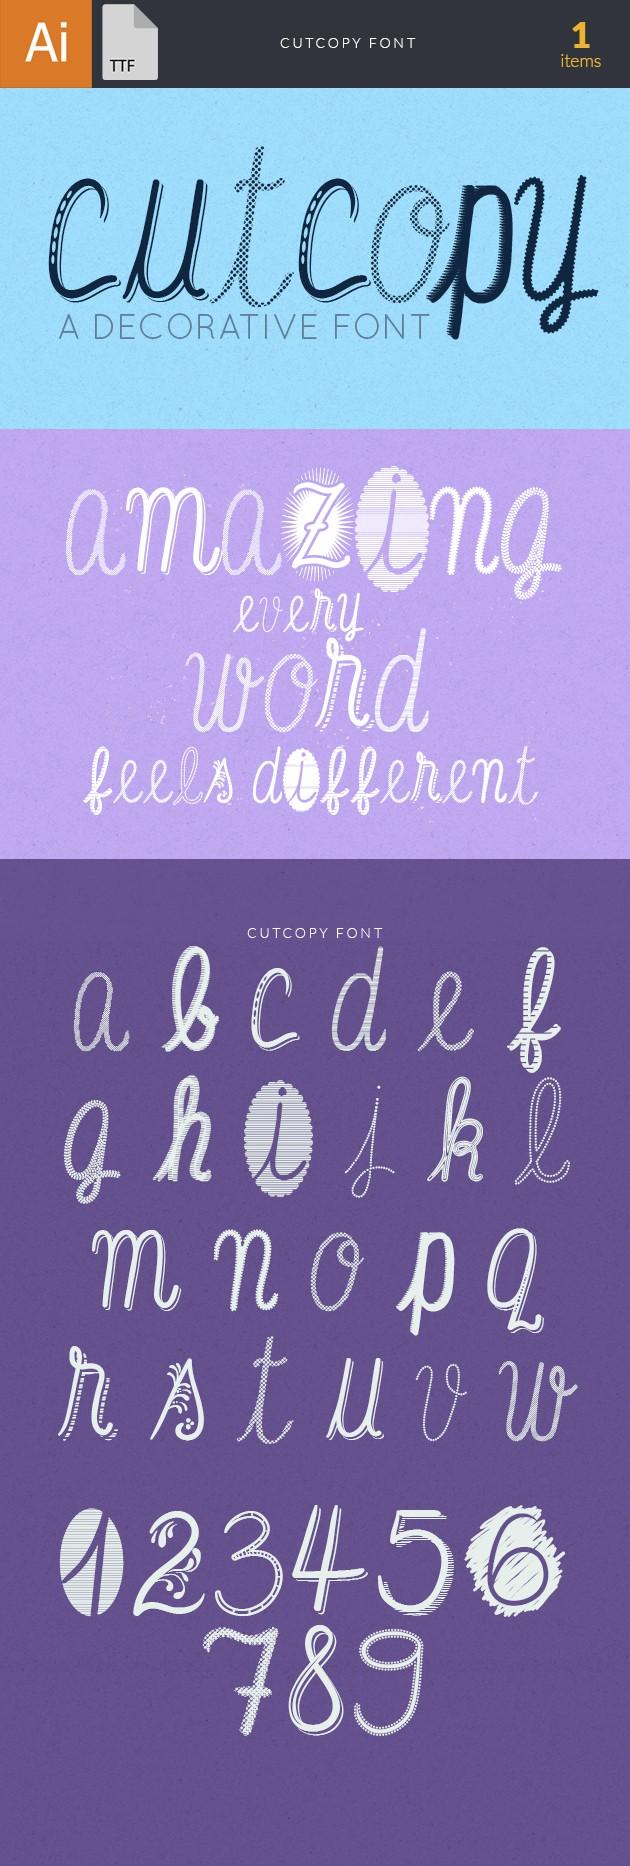 CutCopy Font fonts cutcopy large